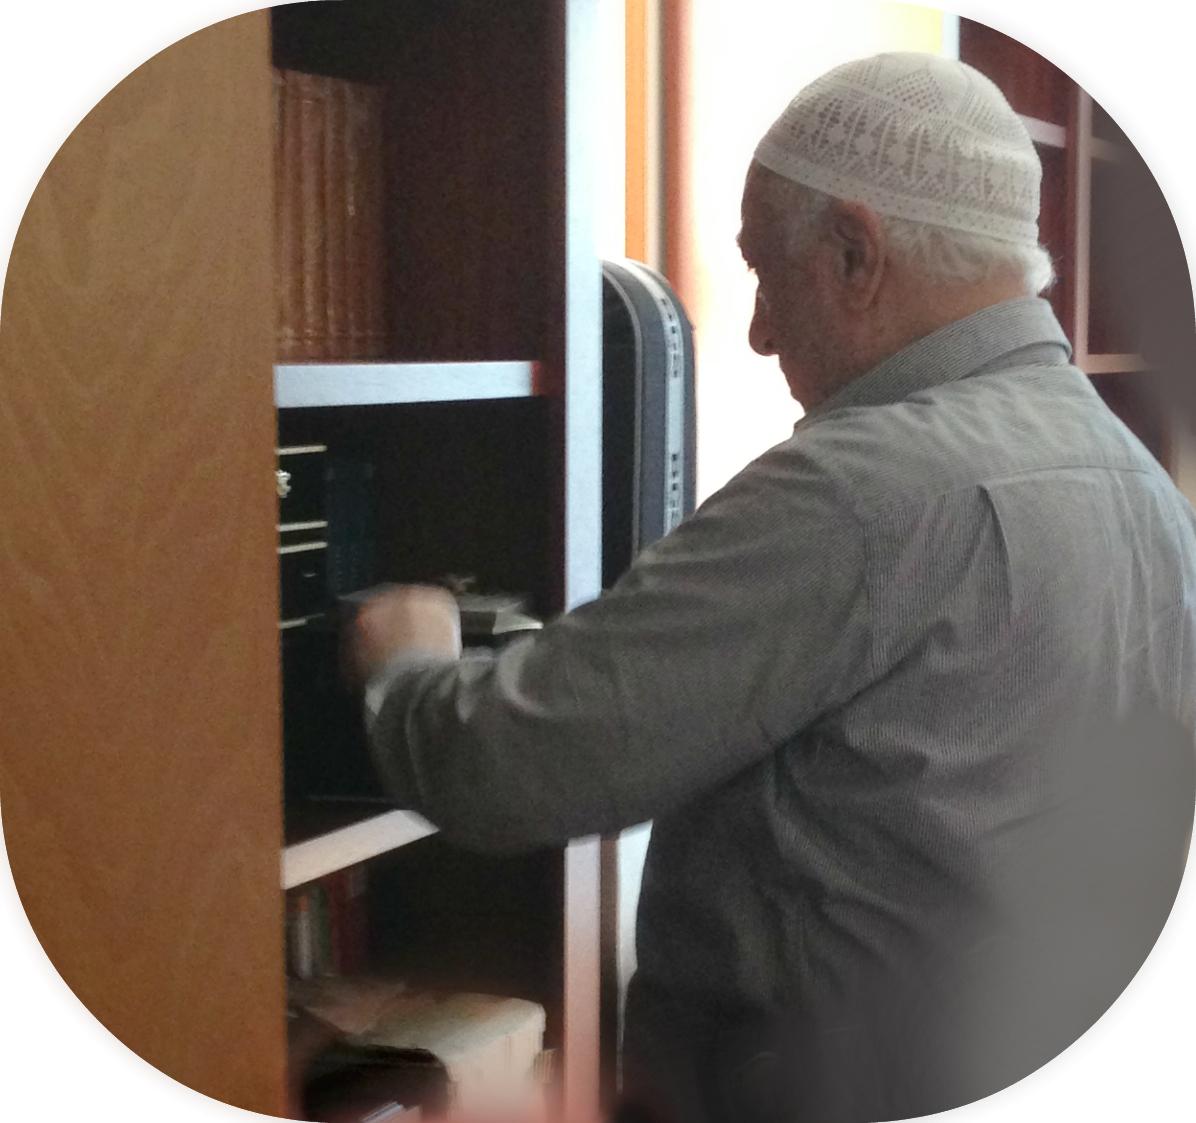 Muhterem Fethullah Gülen Hocaefendi Tamir Edilen Odasına Geçmek İçin Eşyalarını Toplarken